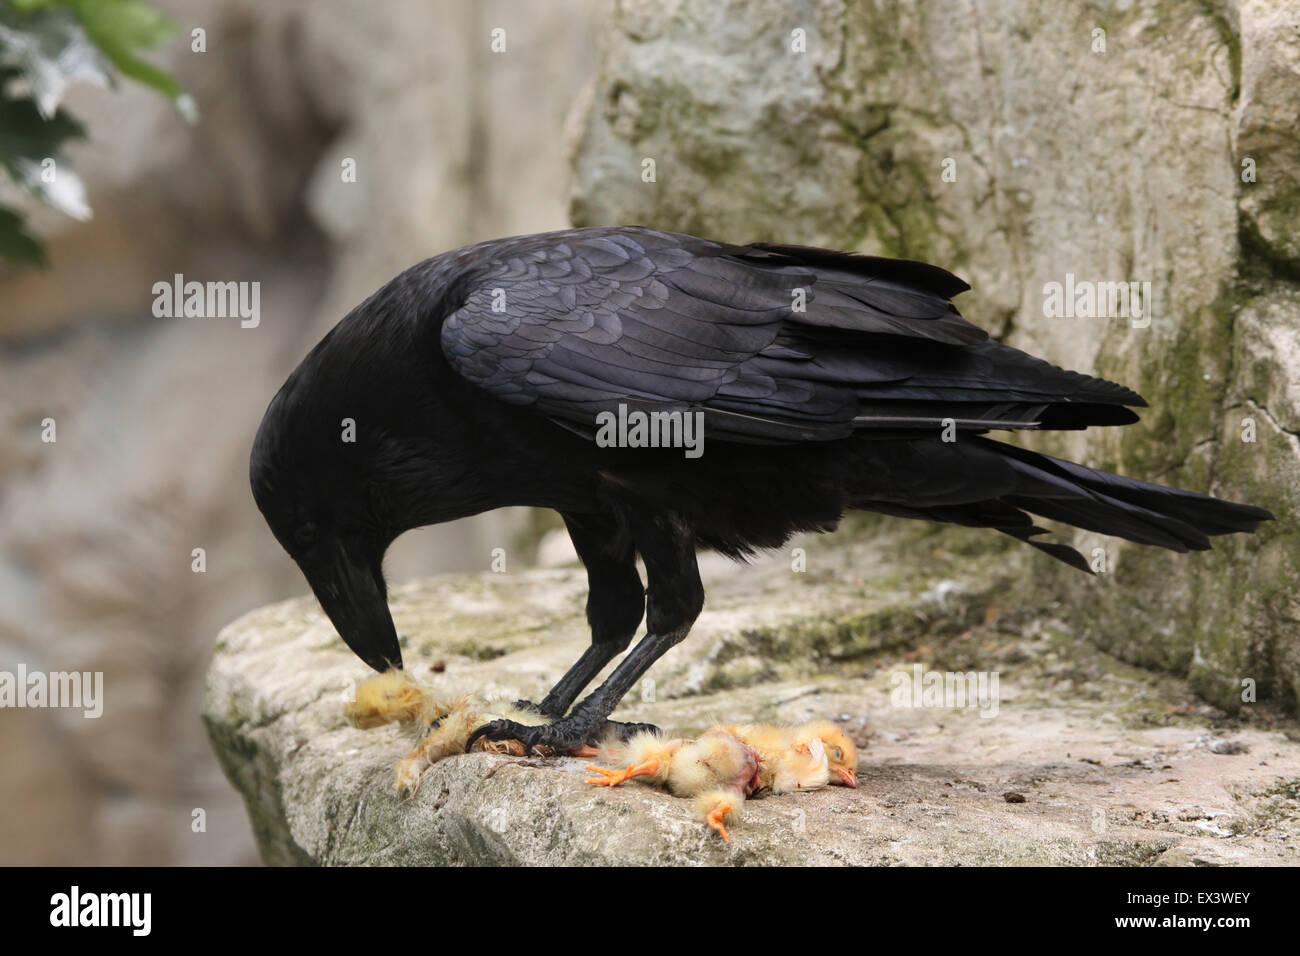 Gemeinsamen Rabe (Corvus Corax) Essen totes Huhn im Frankfurter Zoo in Frankfurt Am Main, Hessen, Deutschland. Stockbild